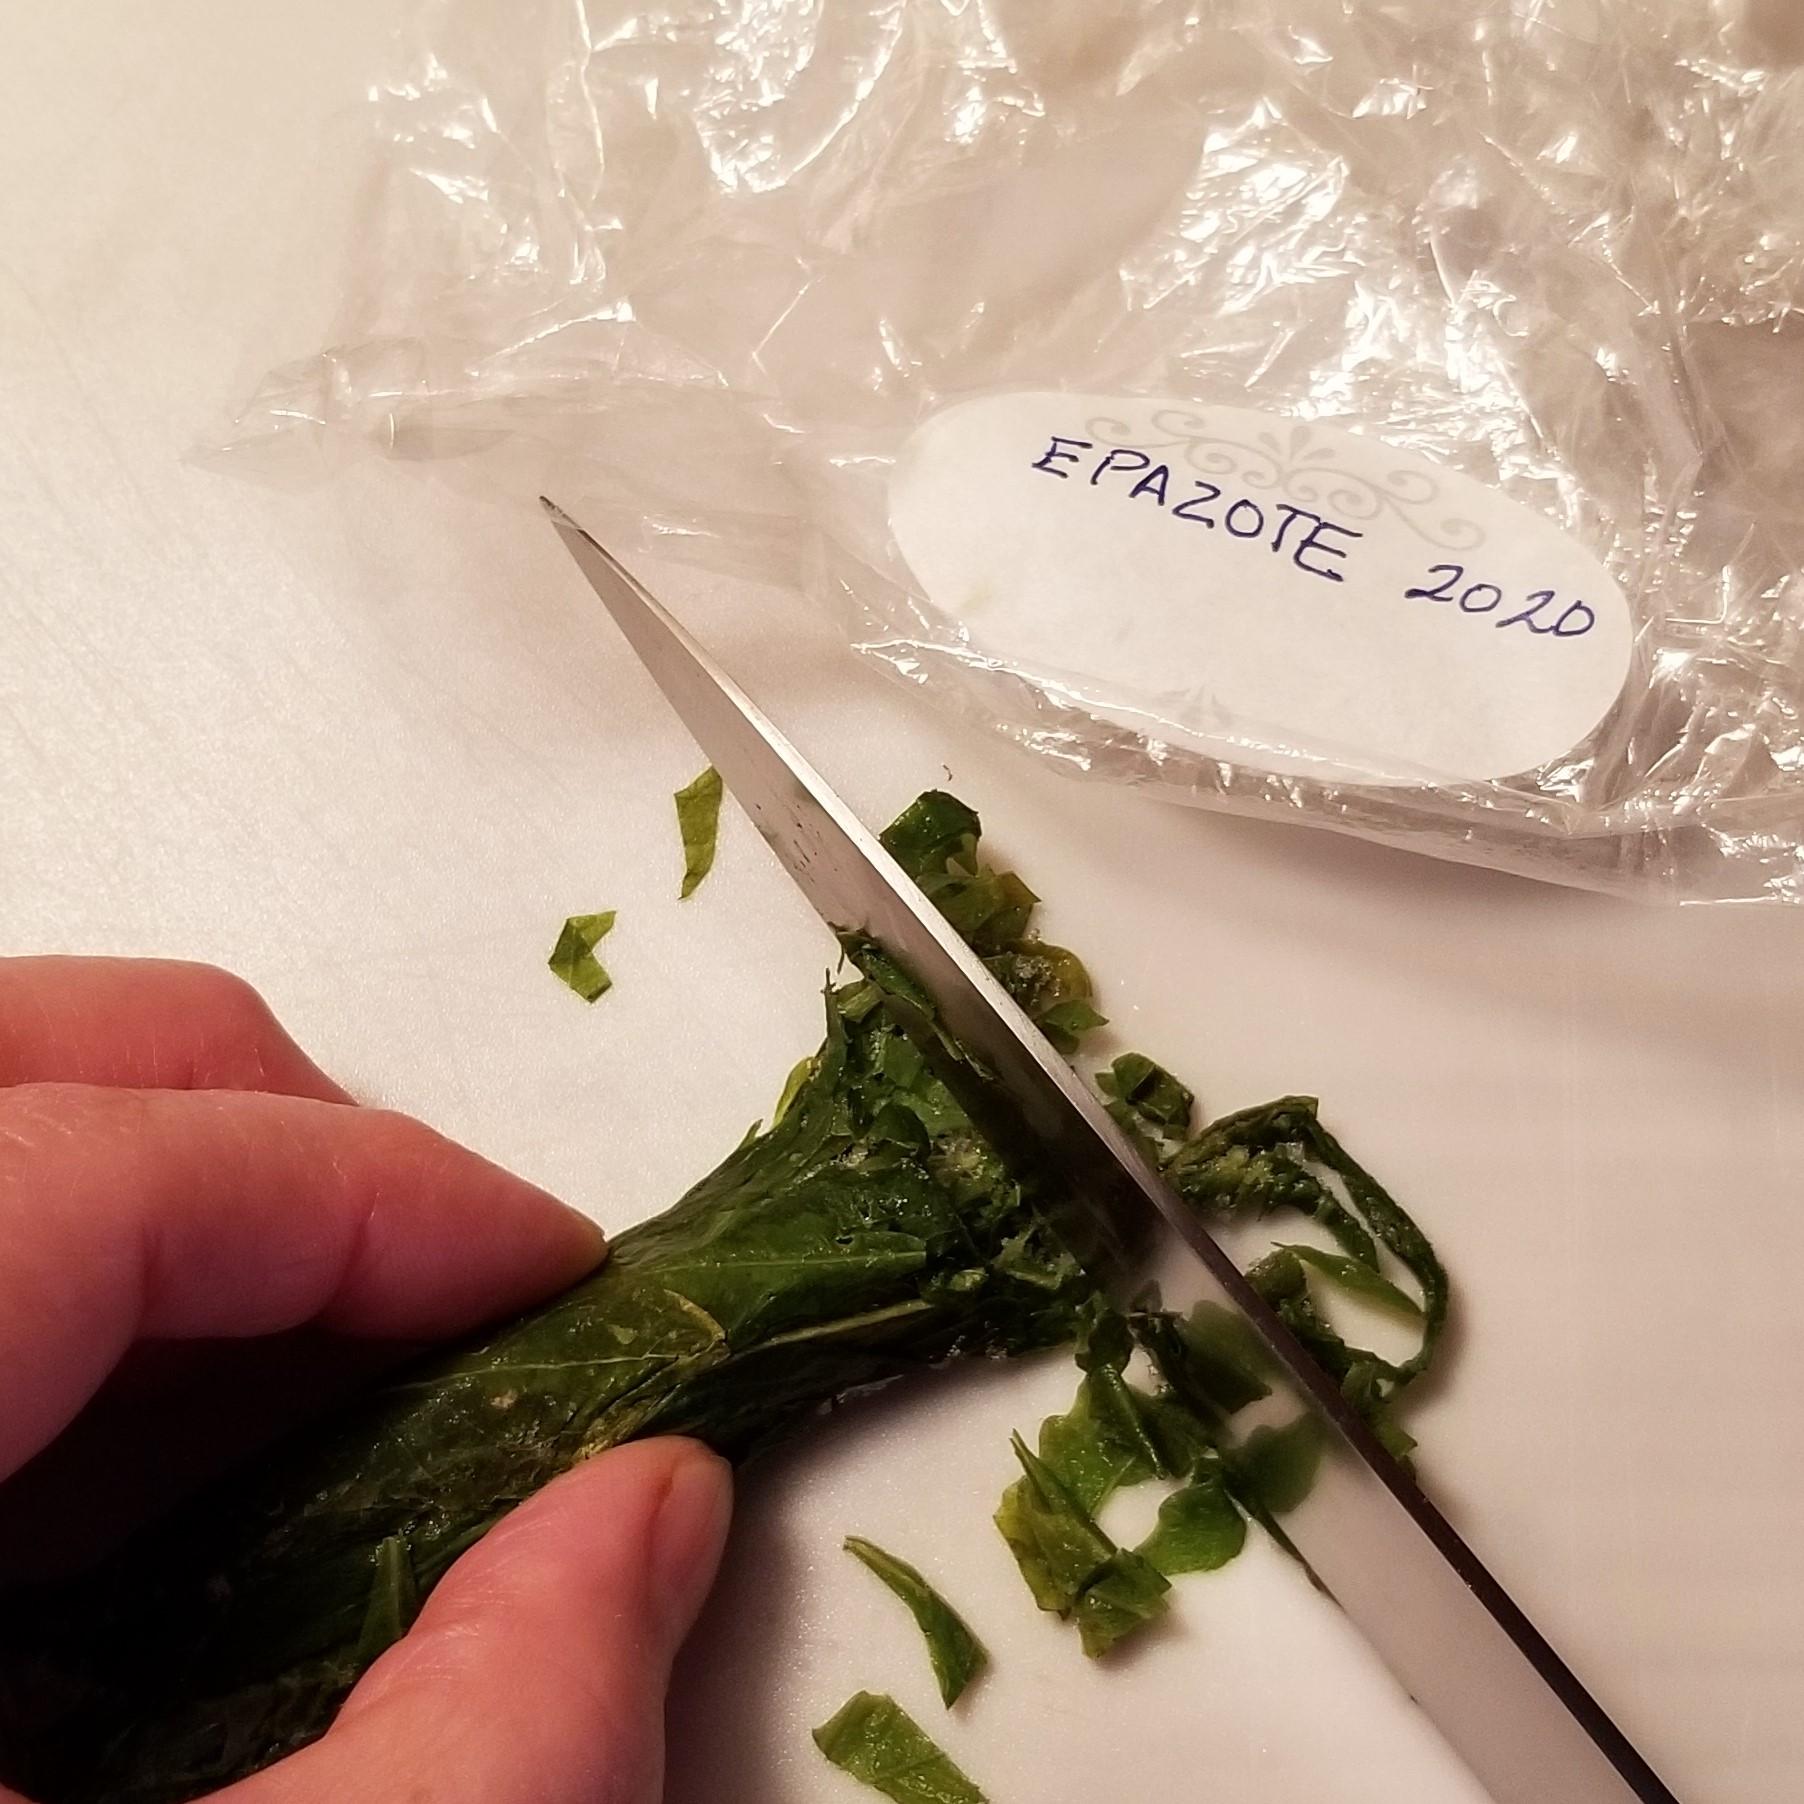 017 slicing frozen epazote